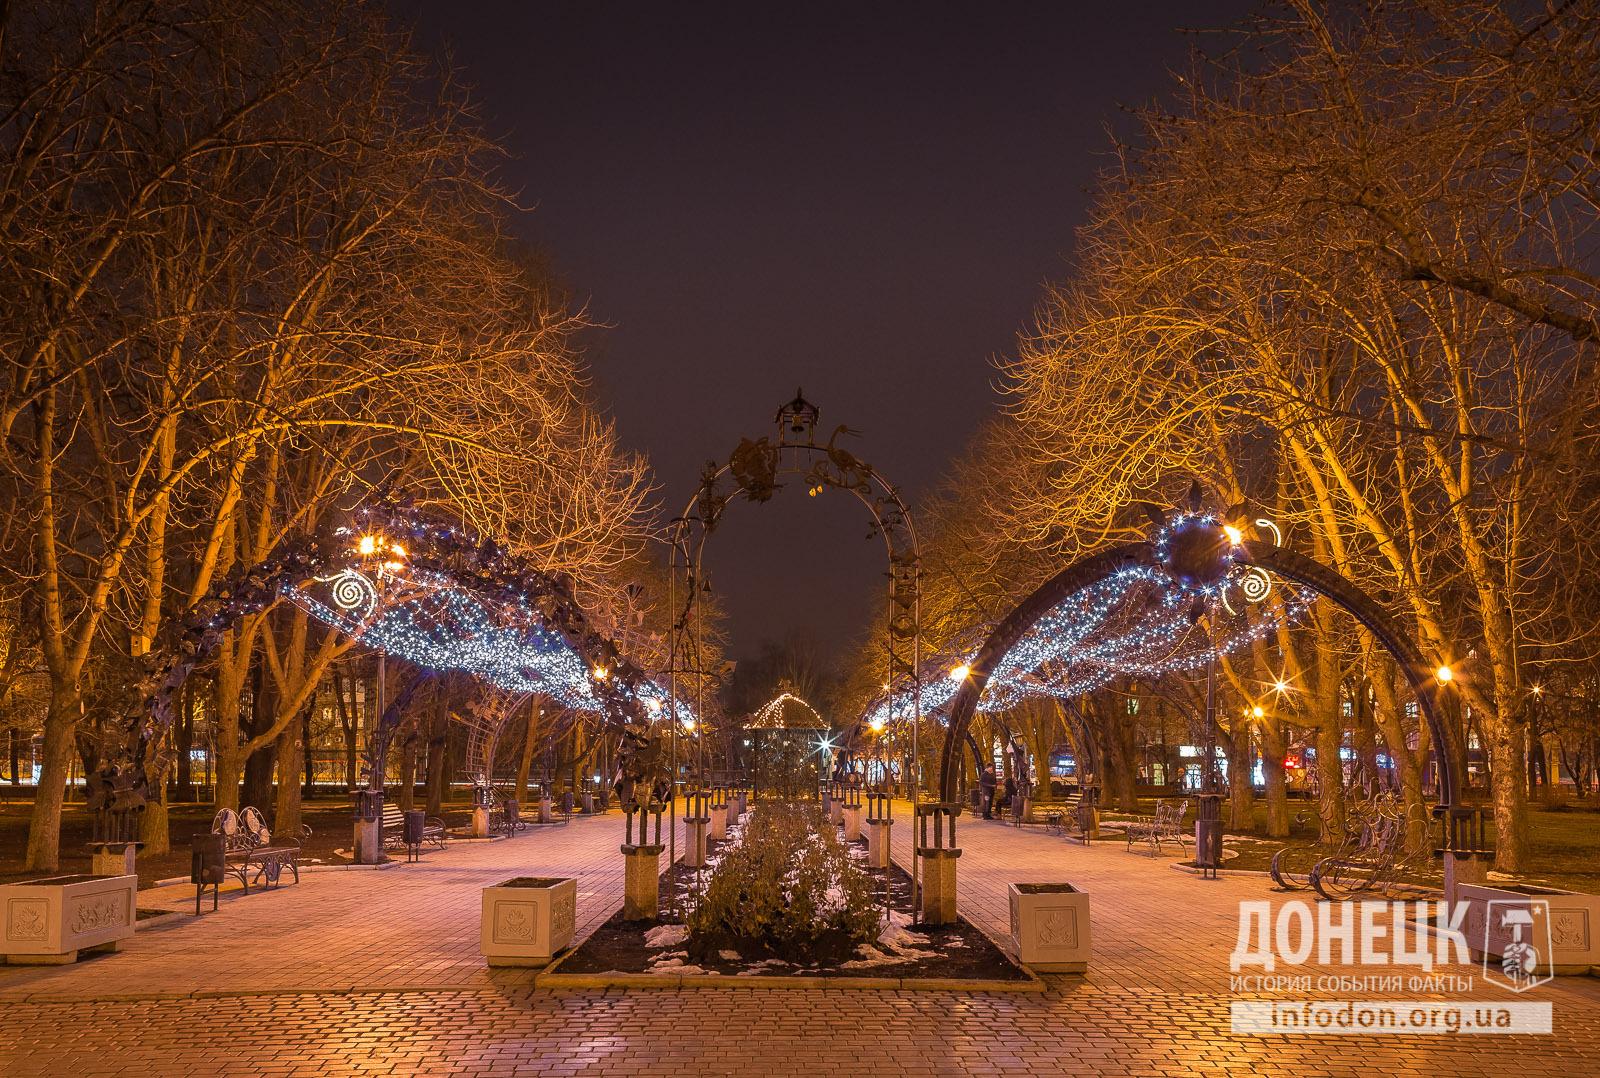 http://cdn1.share.slickpic.com/u/Infodon/131229NYDonetsksolos/org/13-12-29_NY-Donetsk_solos-03/web.jpg